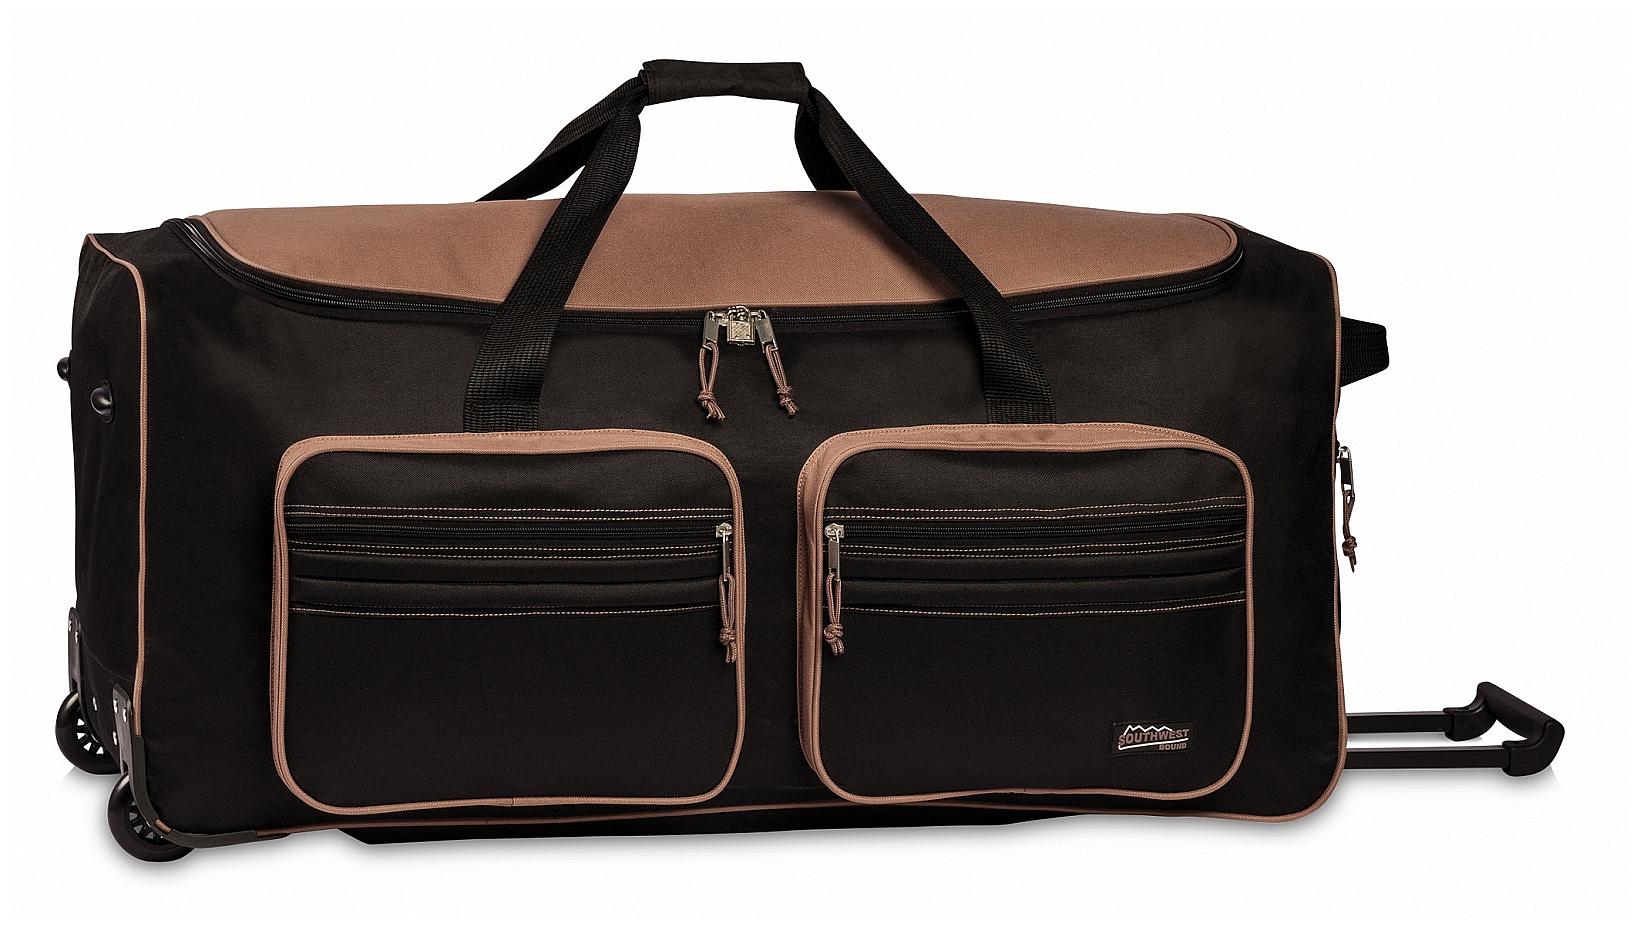 Southwest XXL cestovní taška na kolečkách 30059-0127 černo-hnědá